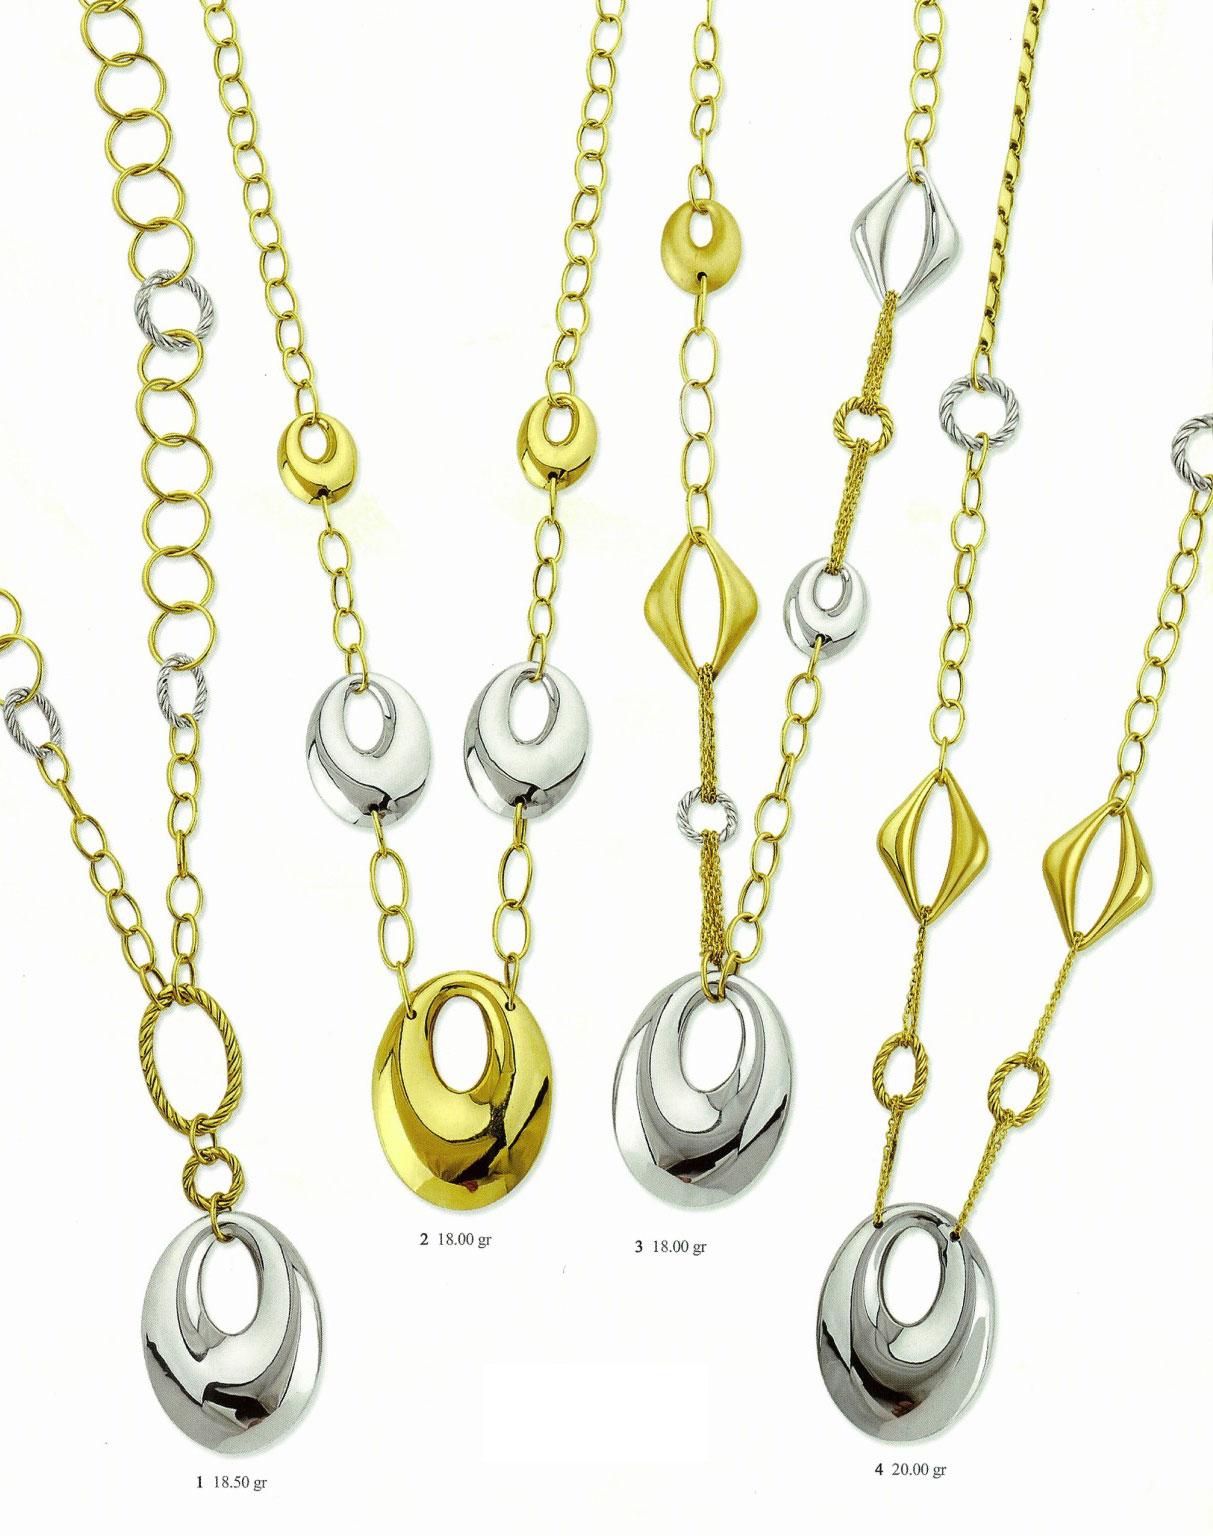 6_necklaces_M1